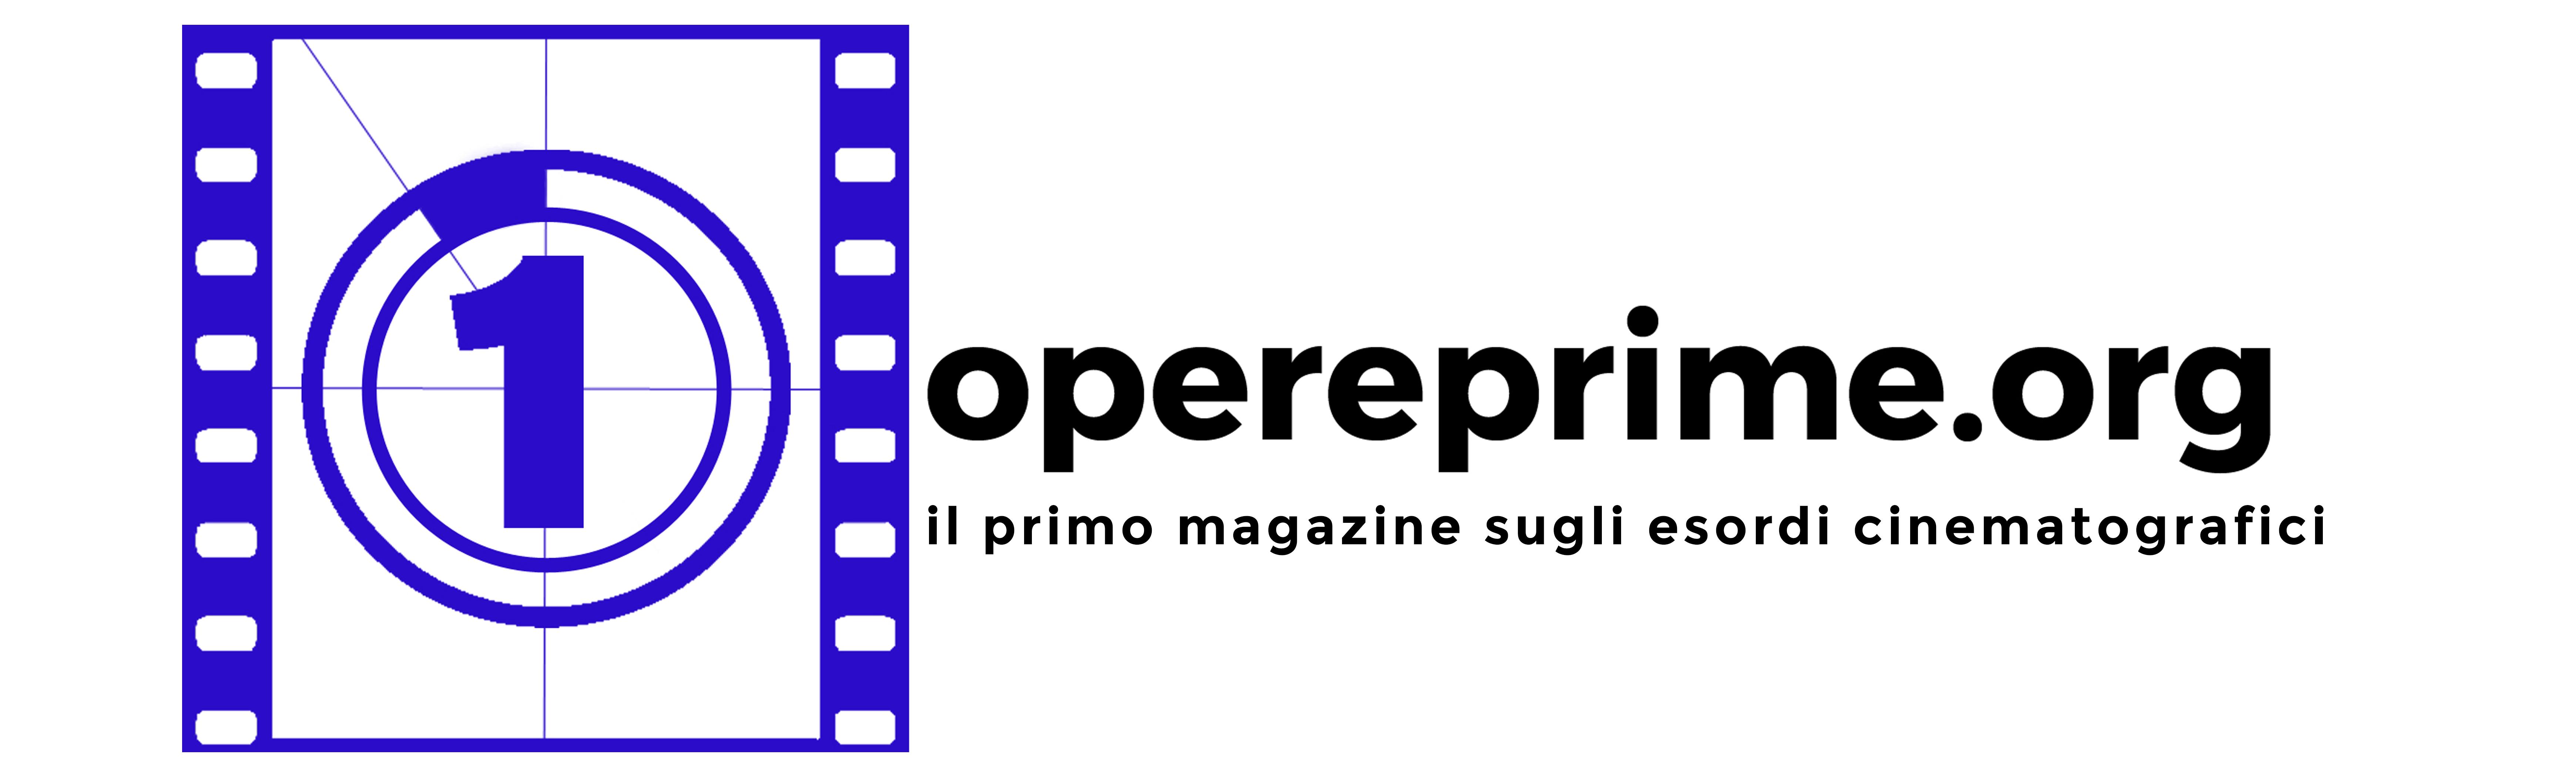 LOGO OPERE PRIME_RIFF